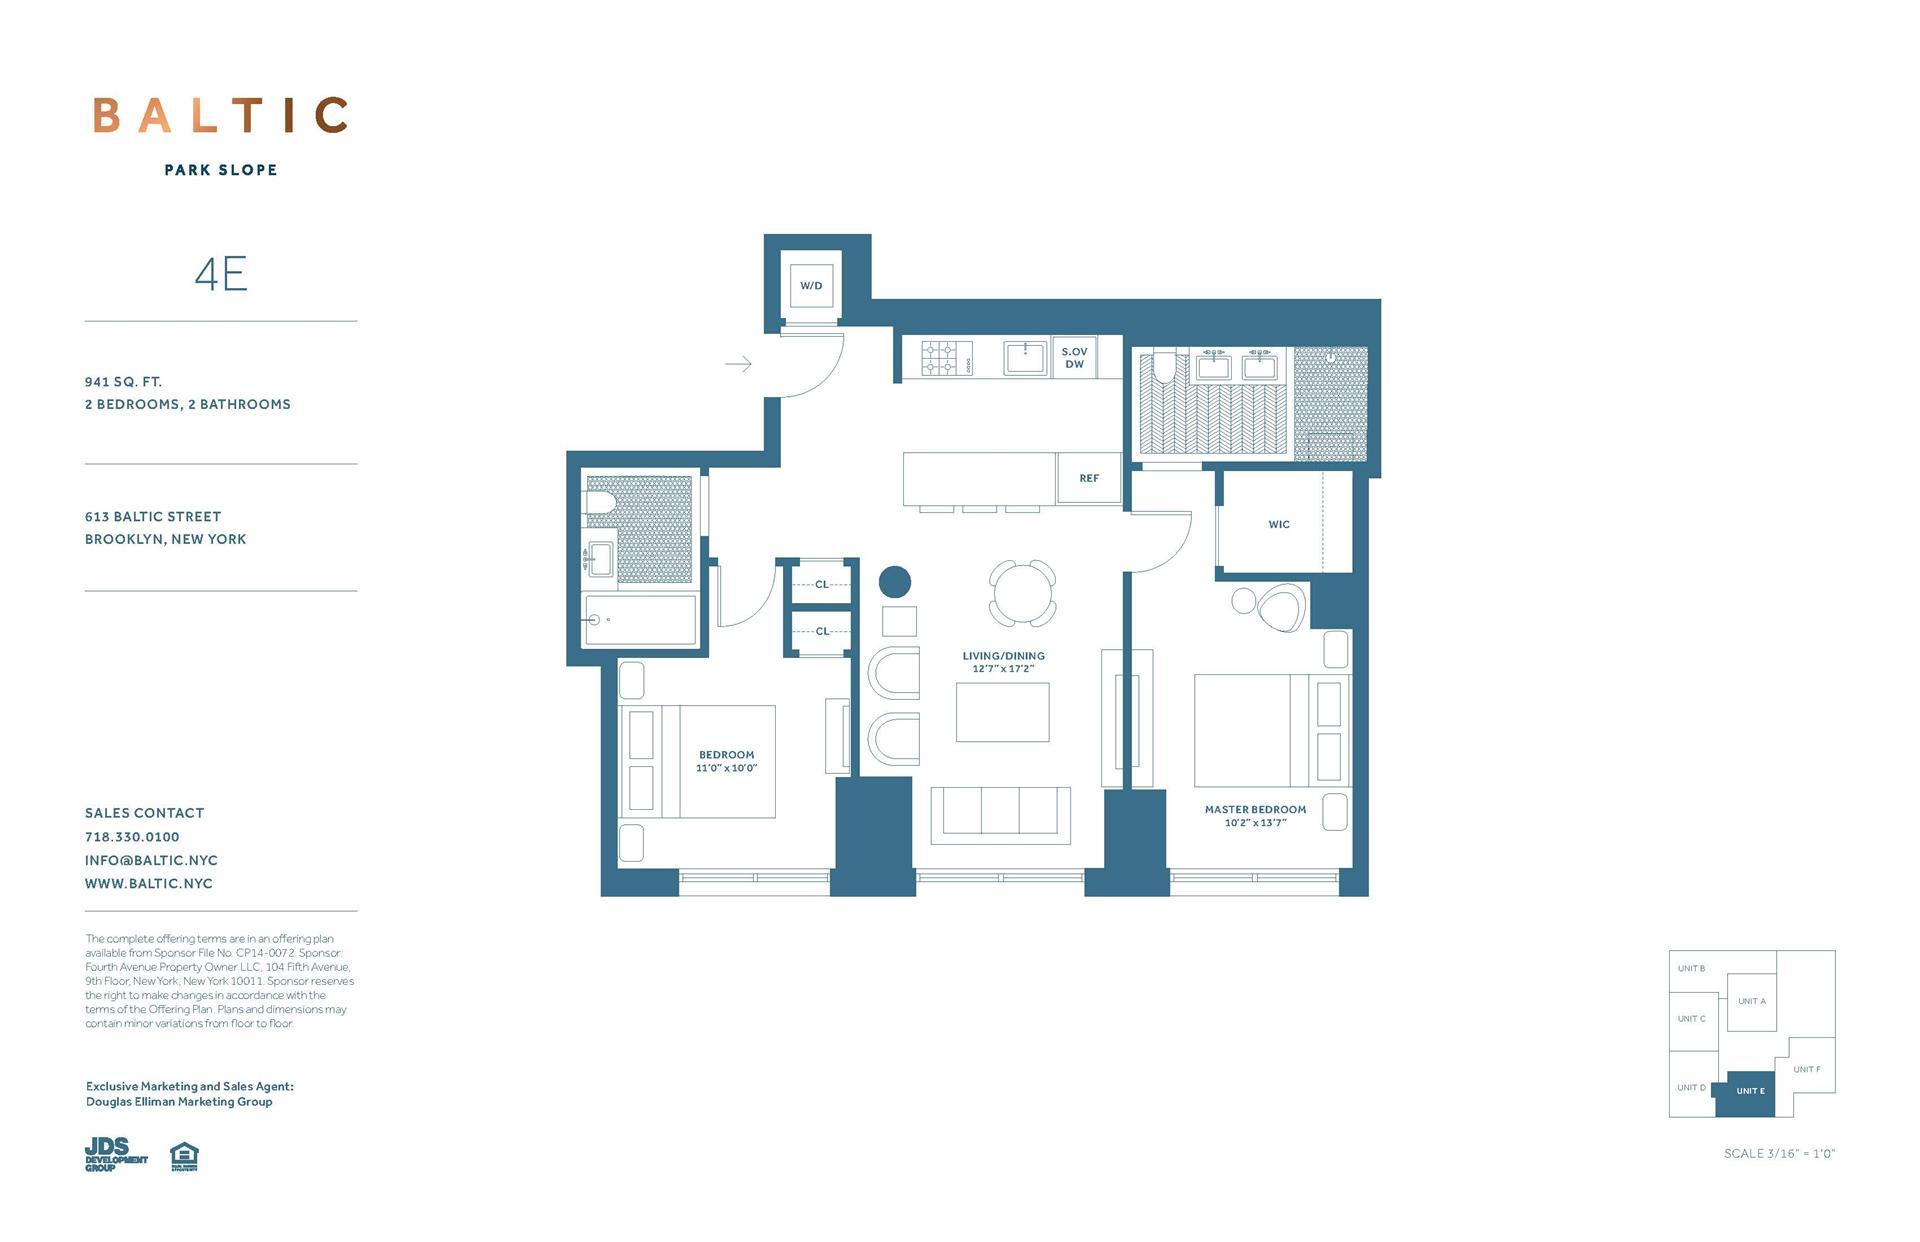 Floor plan of 613 Baltic St, 4E - Park Slope, New York